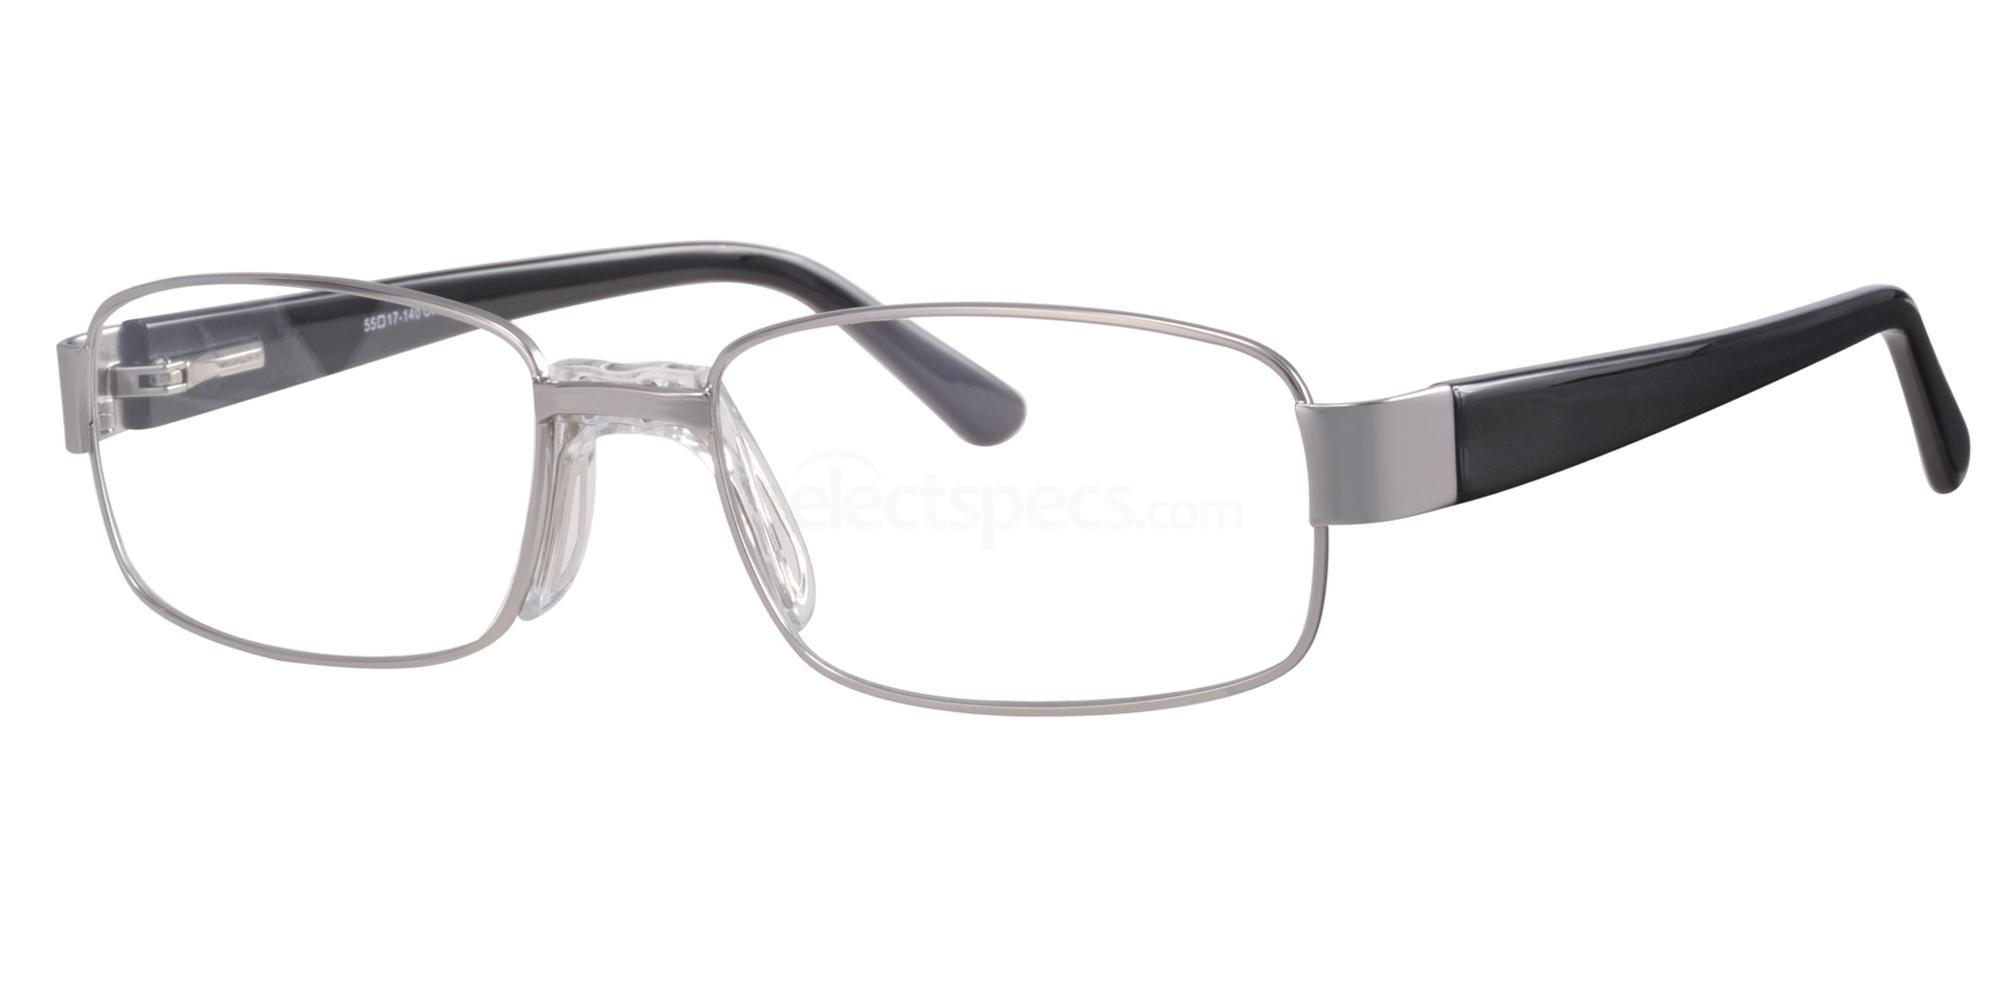 C92 377 Glasses, Visage Elite